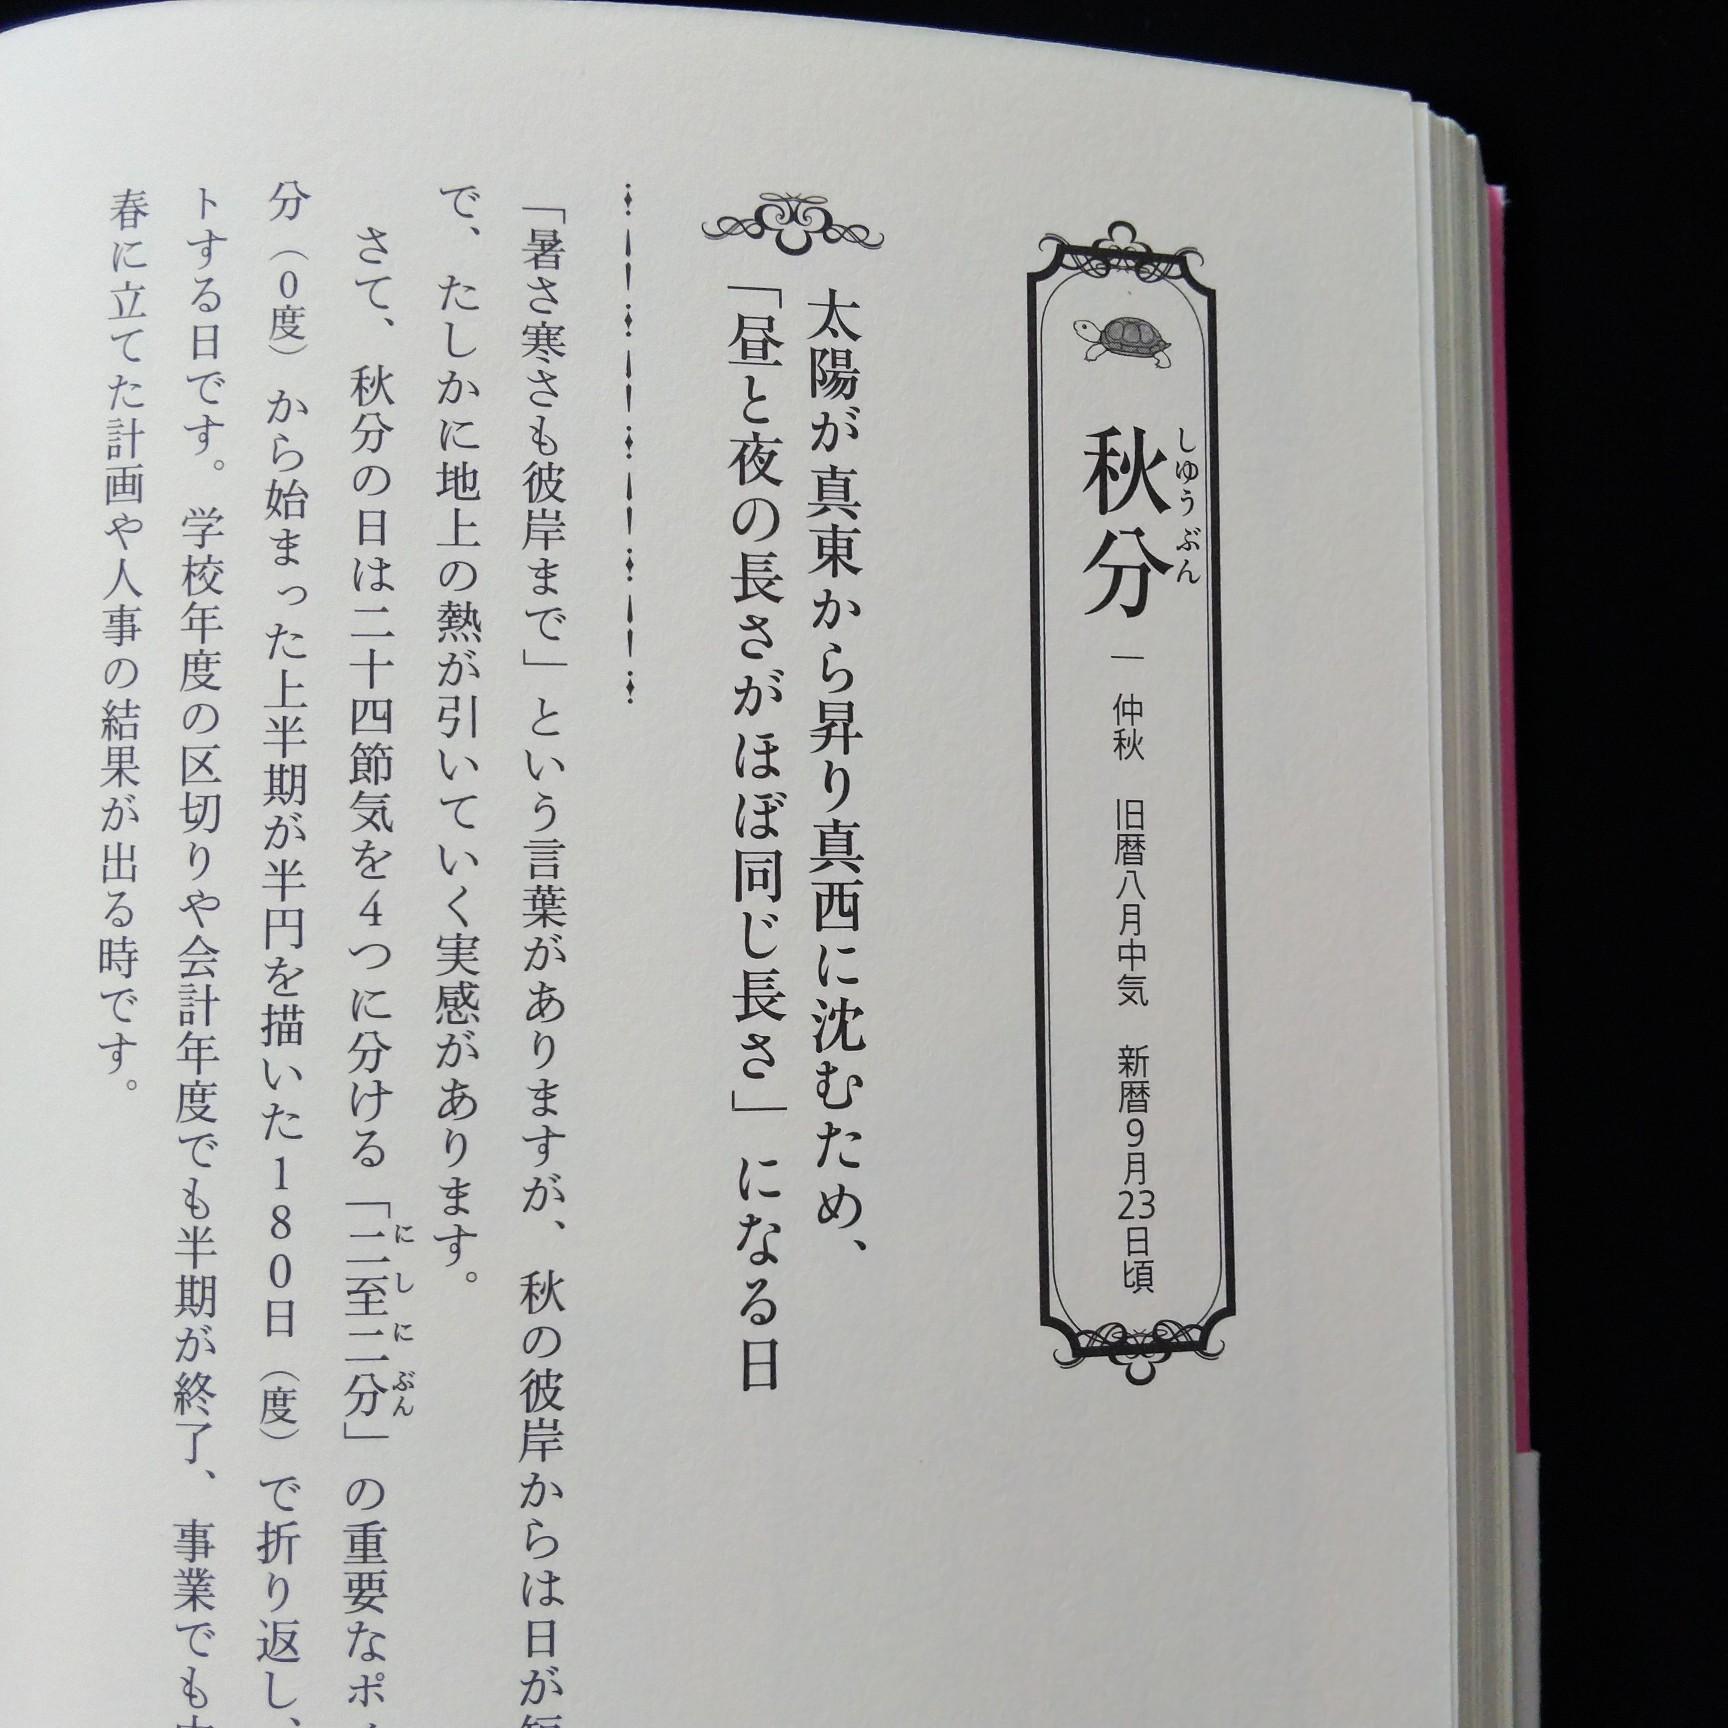 200922 二十四節気「秋分」です✨_f0164842_09590712.jpg